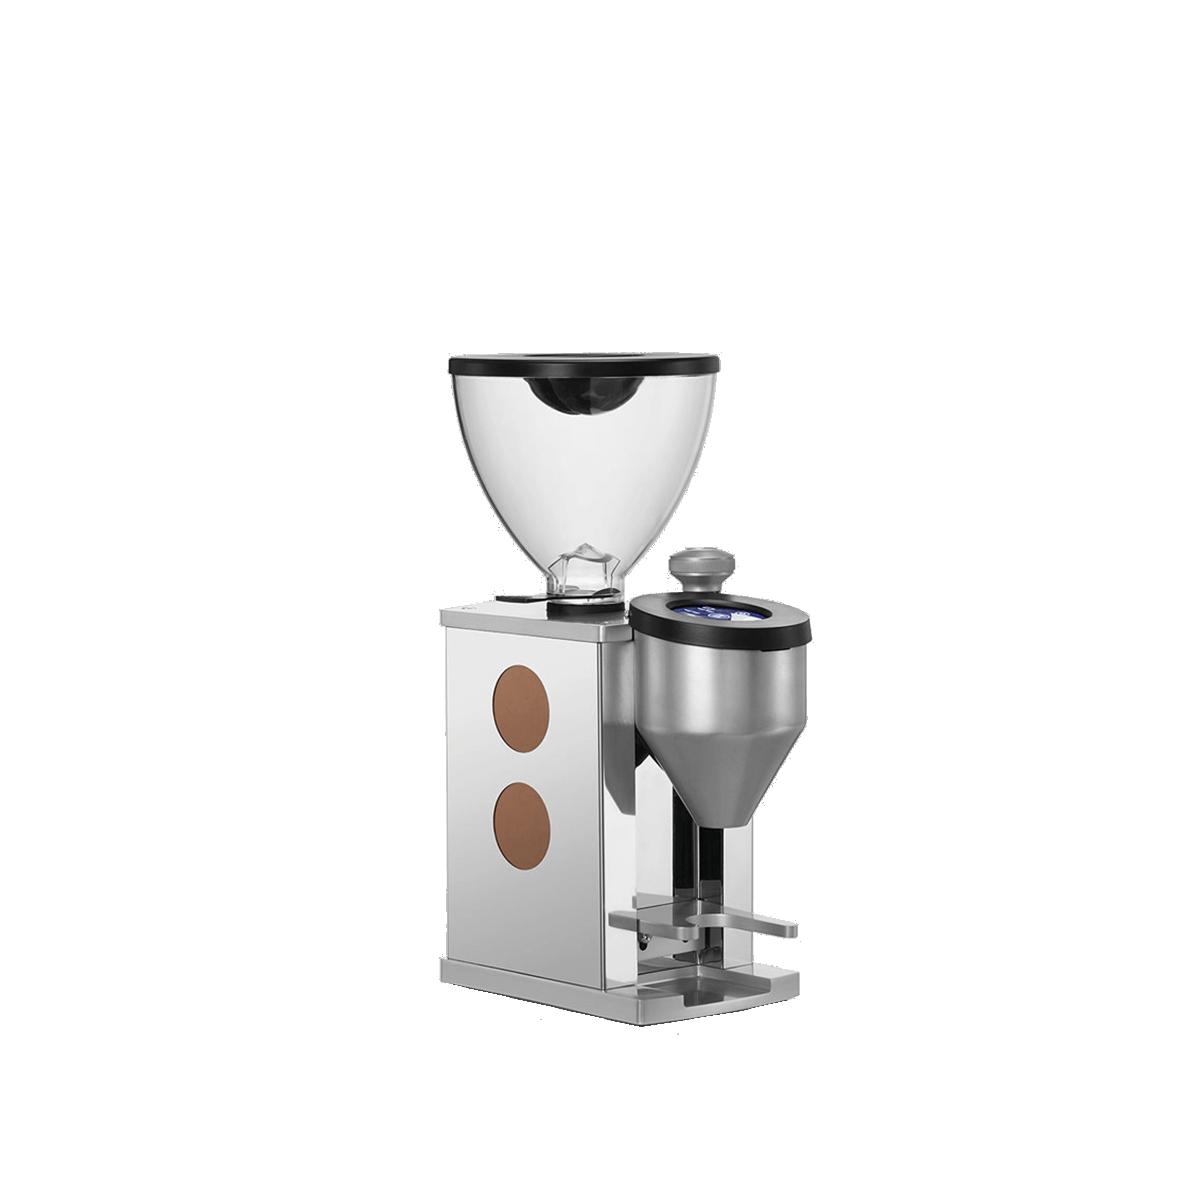 Coffee Grinder – Rocket Espresso Faustino Appartamento Copper